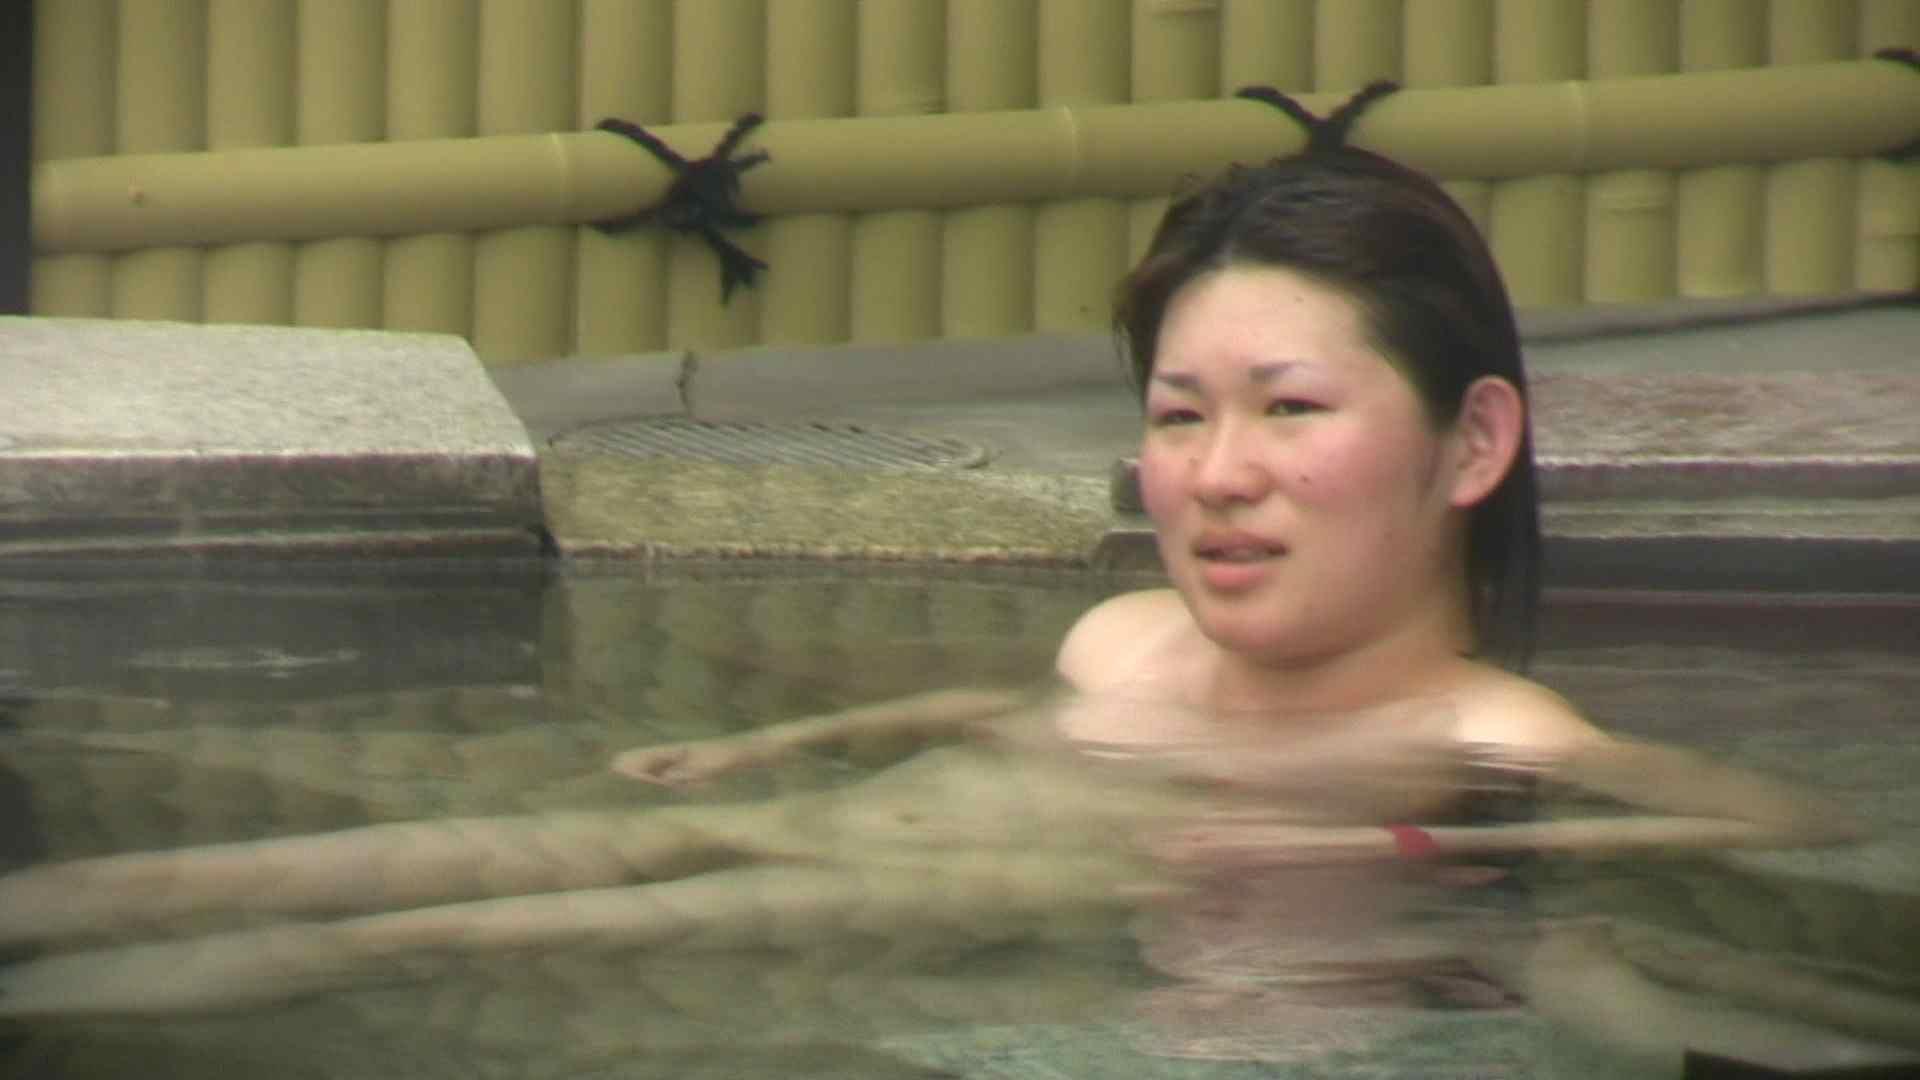 Aquaな露天風呂Vol.673 美しいOLの裸体   盗撮師作品  99pic 94